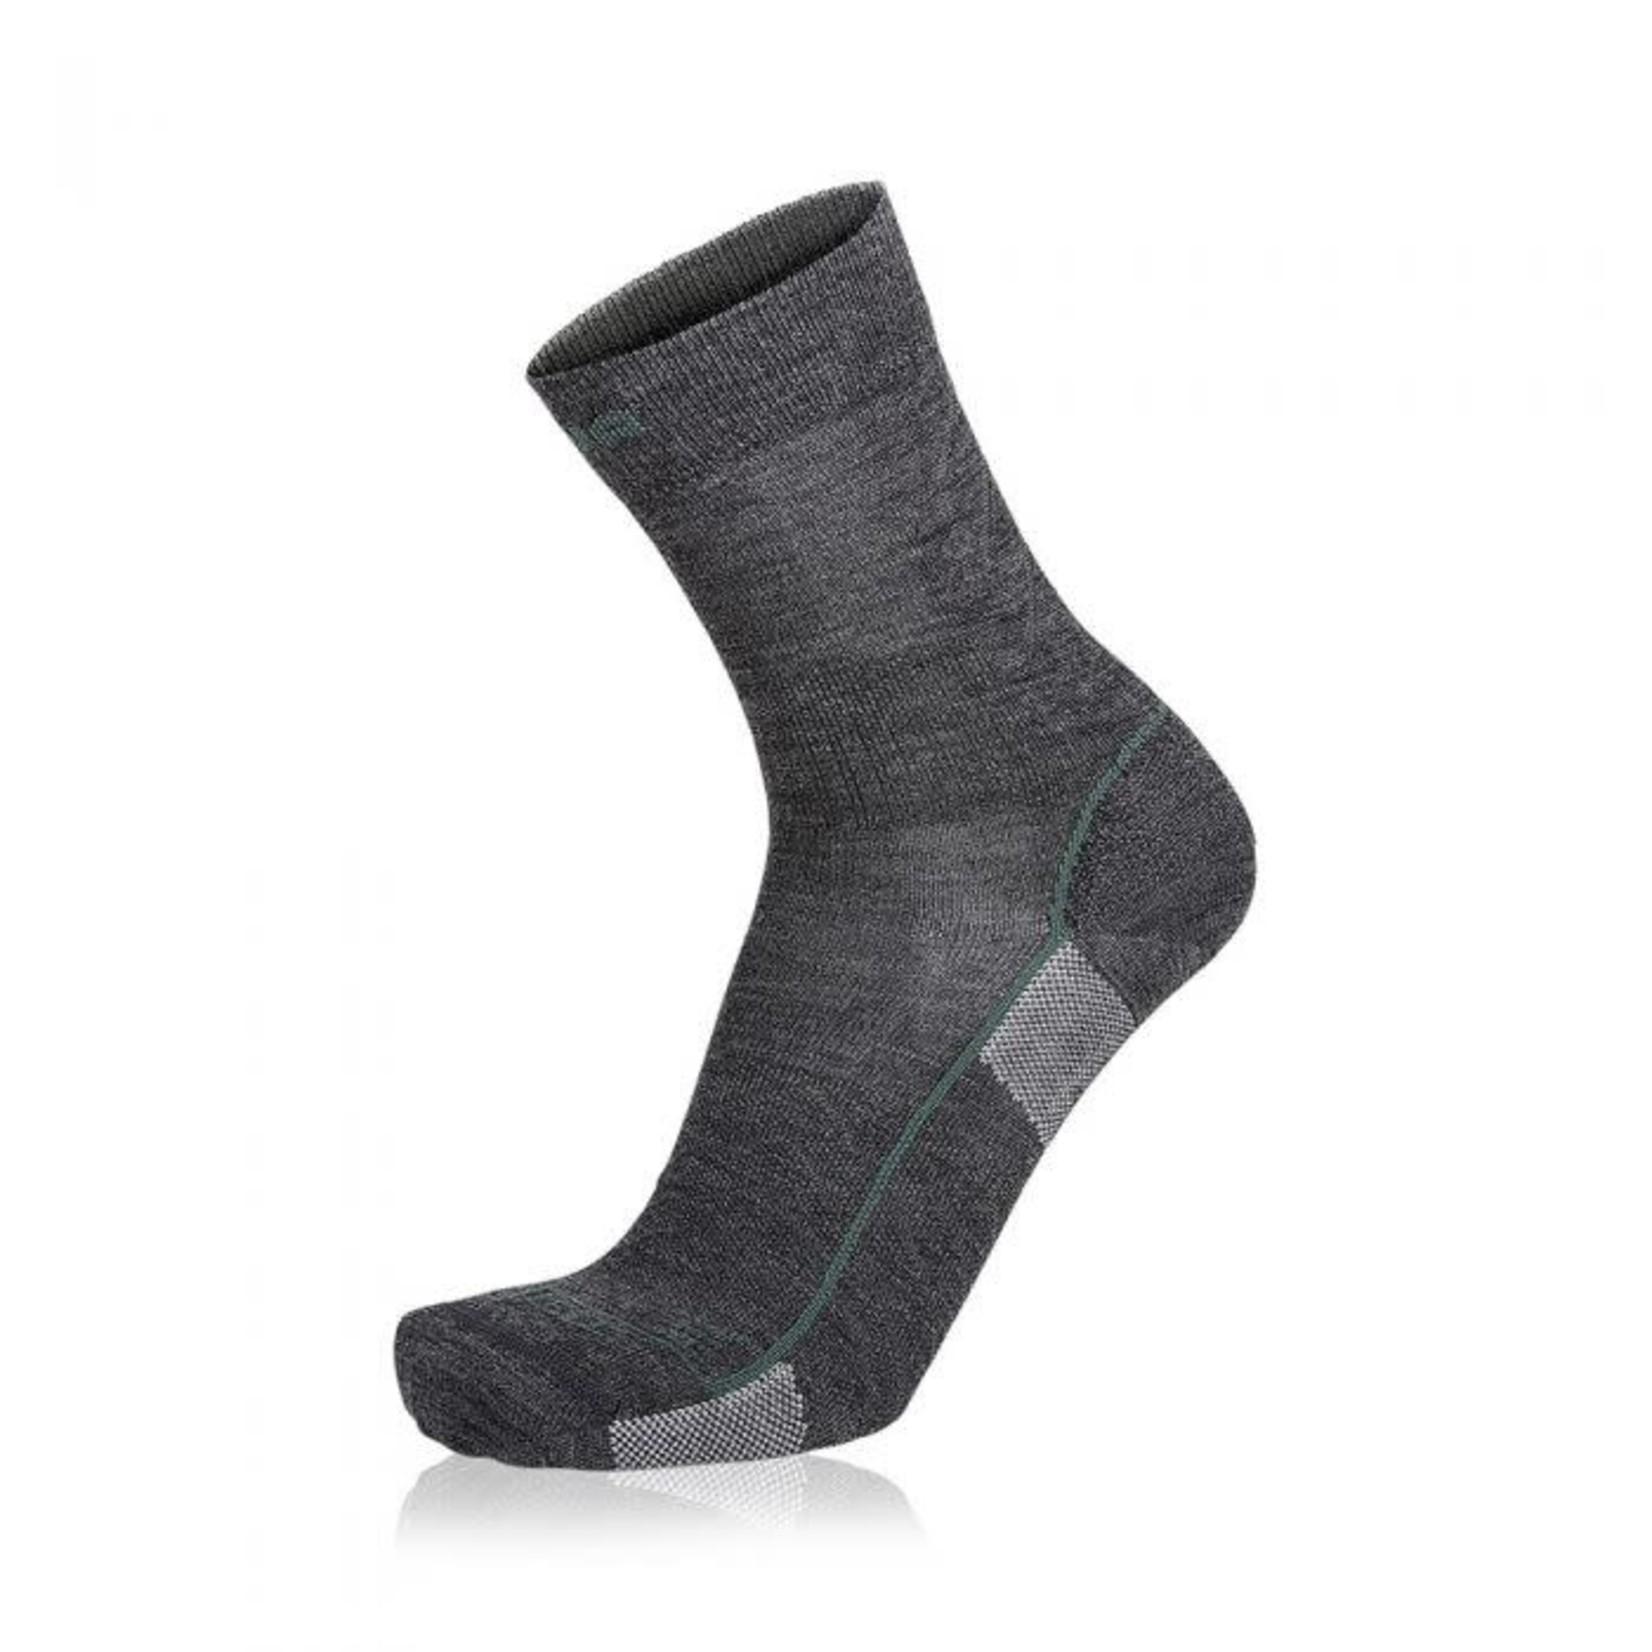 Lowa Lowa All Terrain Socks